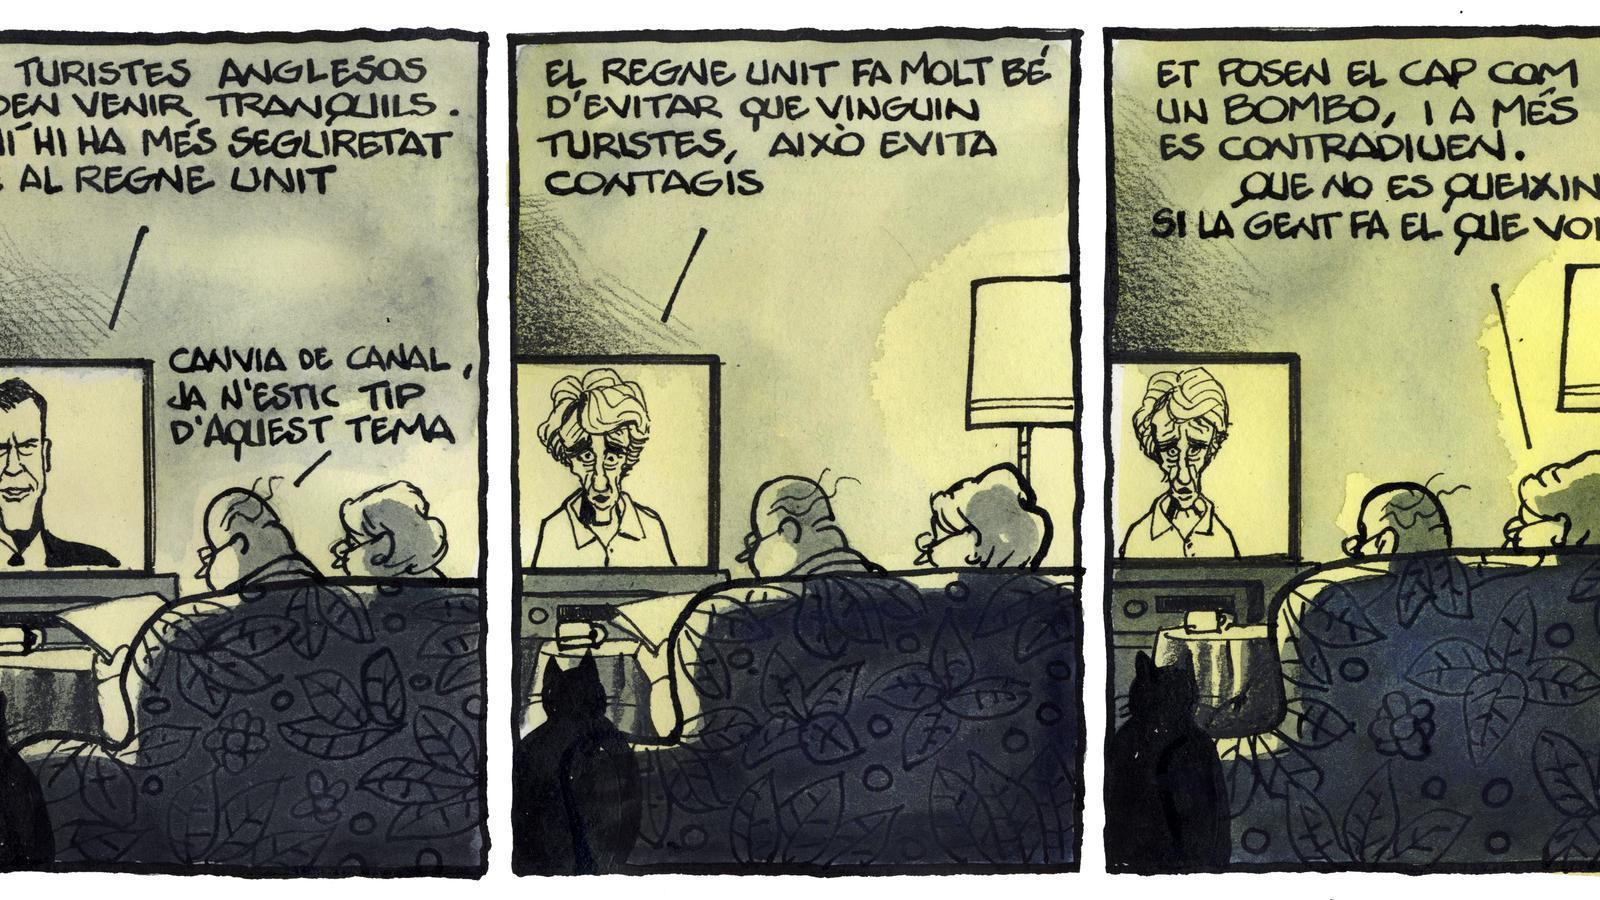 'A la contra', per Ferreres 31/07/2020